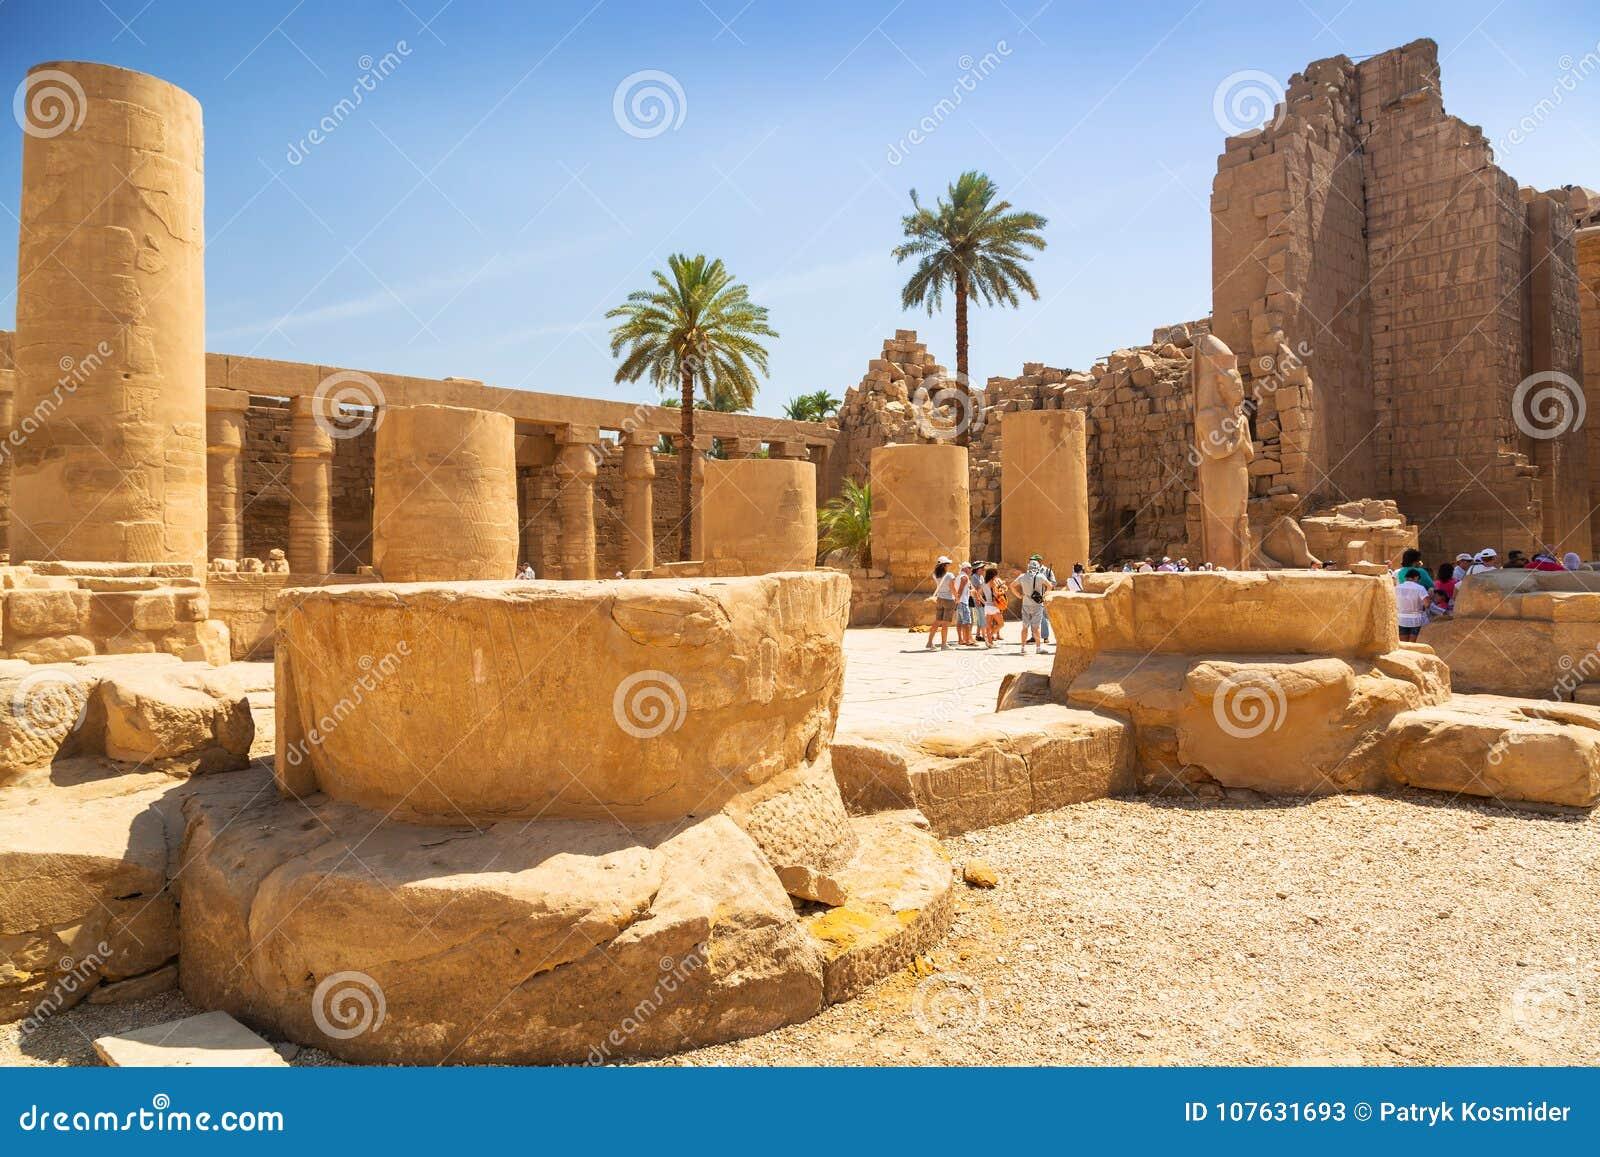 Karnak temple of Luxor, Egypt